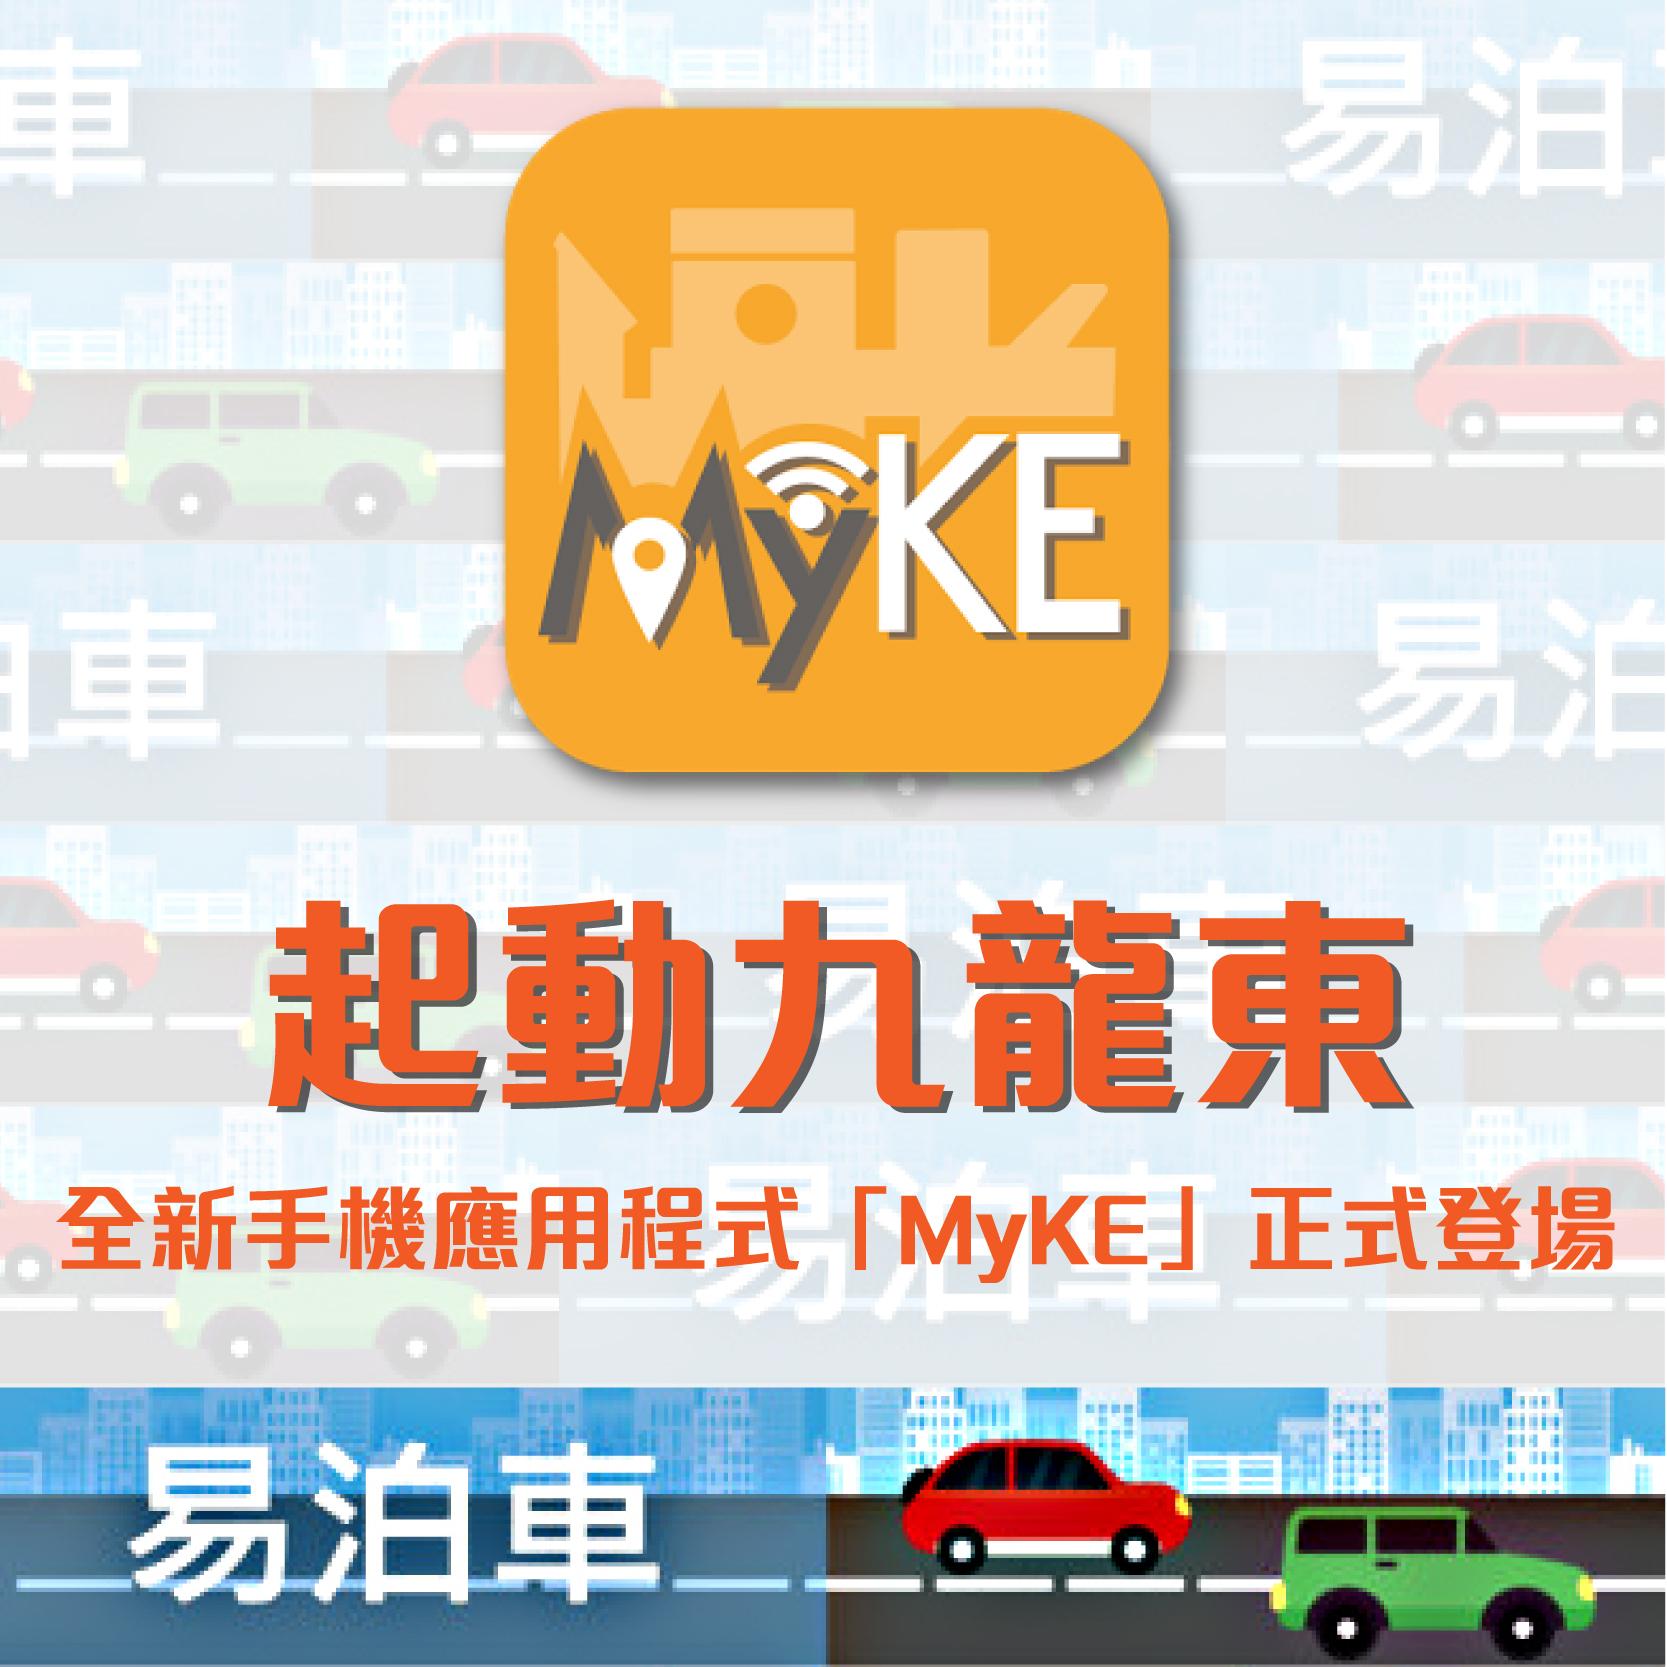 「MyKE」手機應用程式正式登場